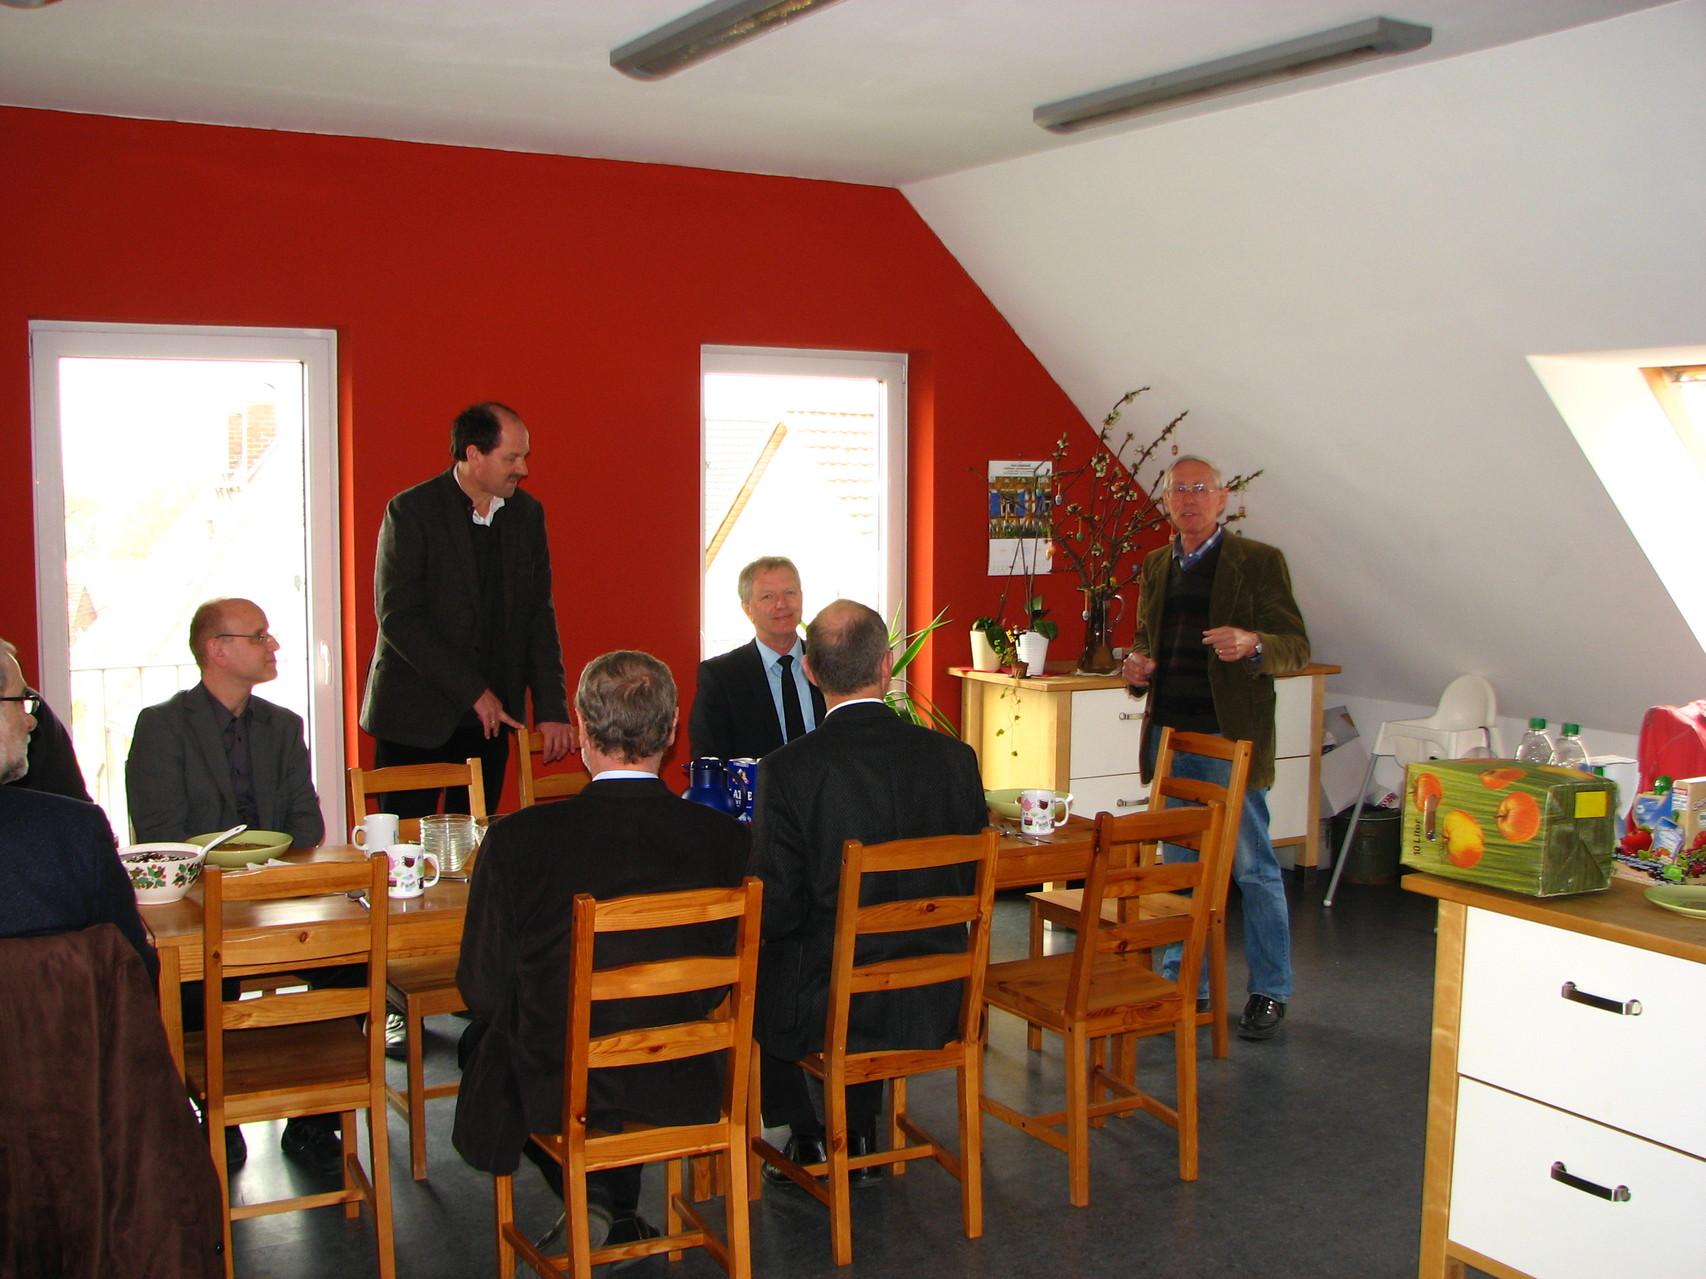 Herr René Hermann und Herr Dr. Probst begrüßen die Gäste